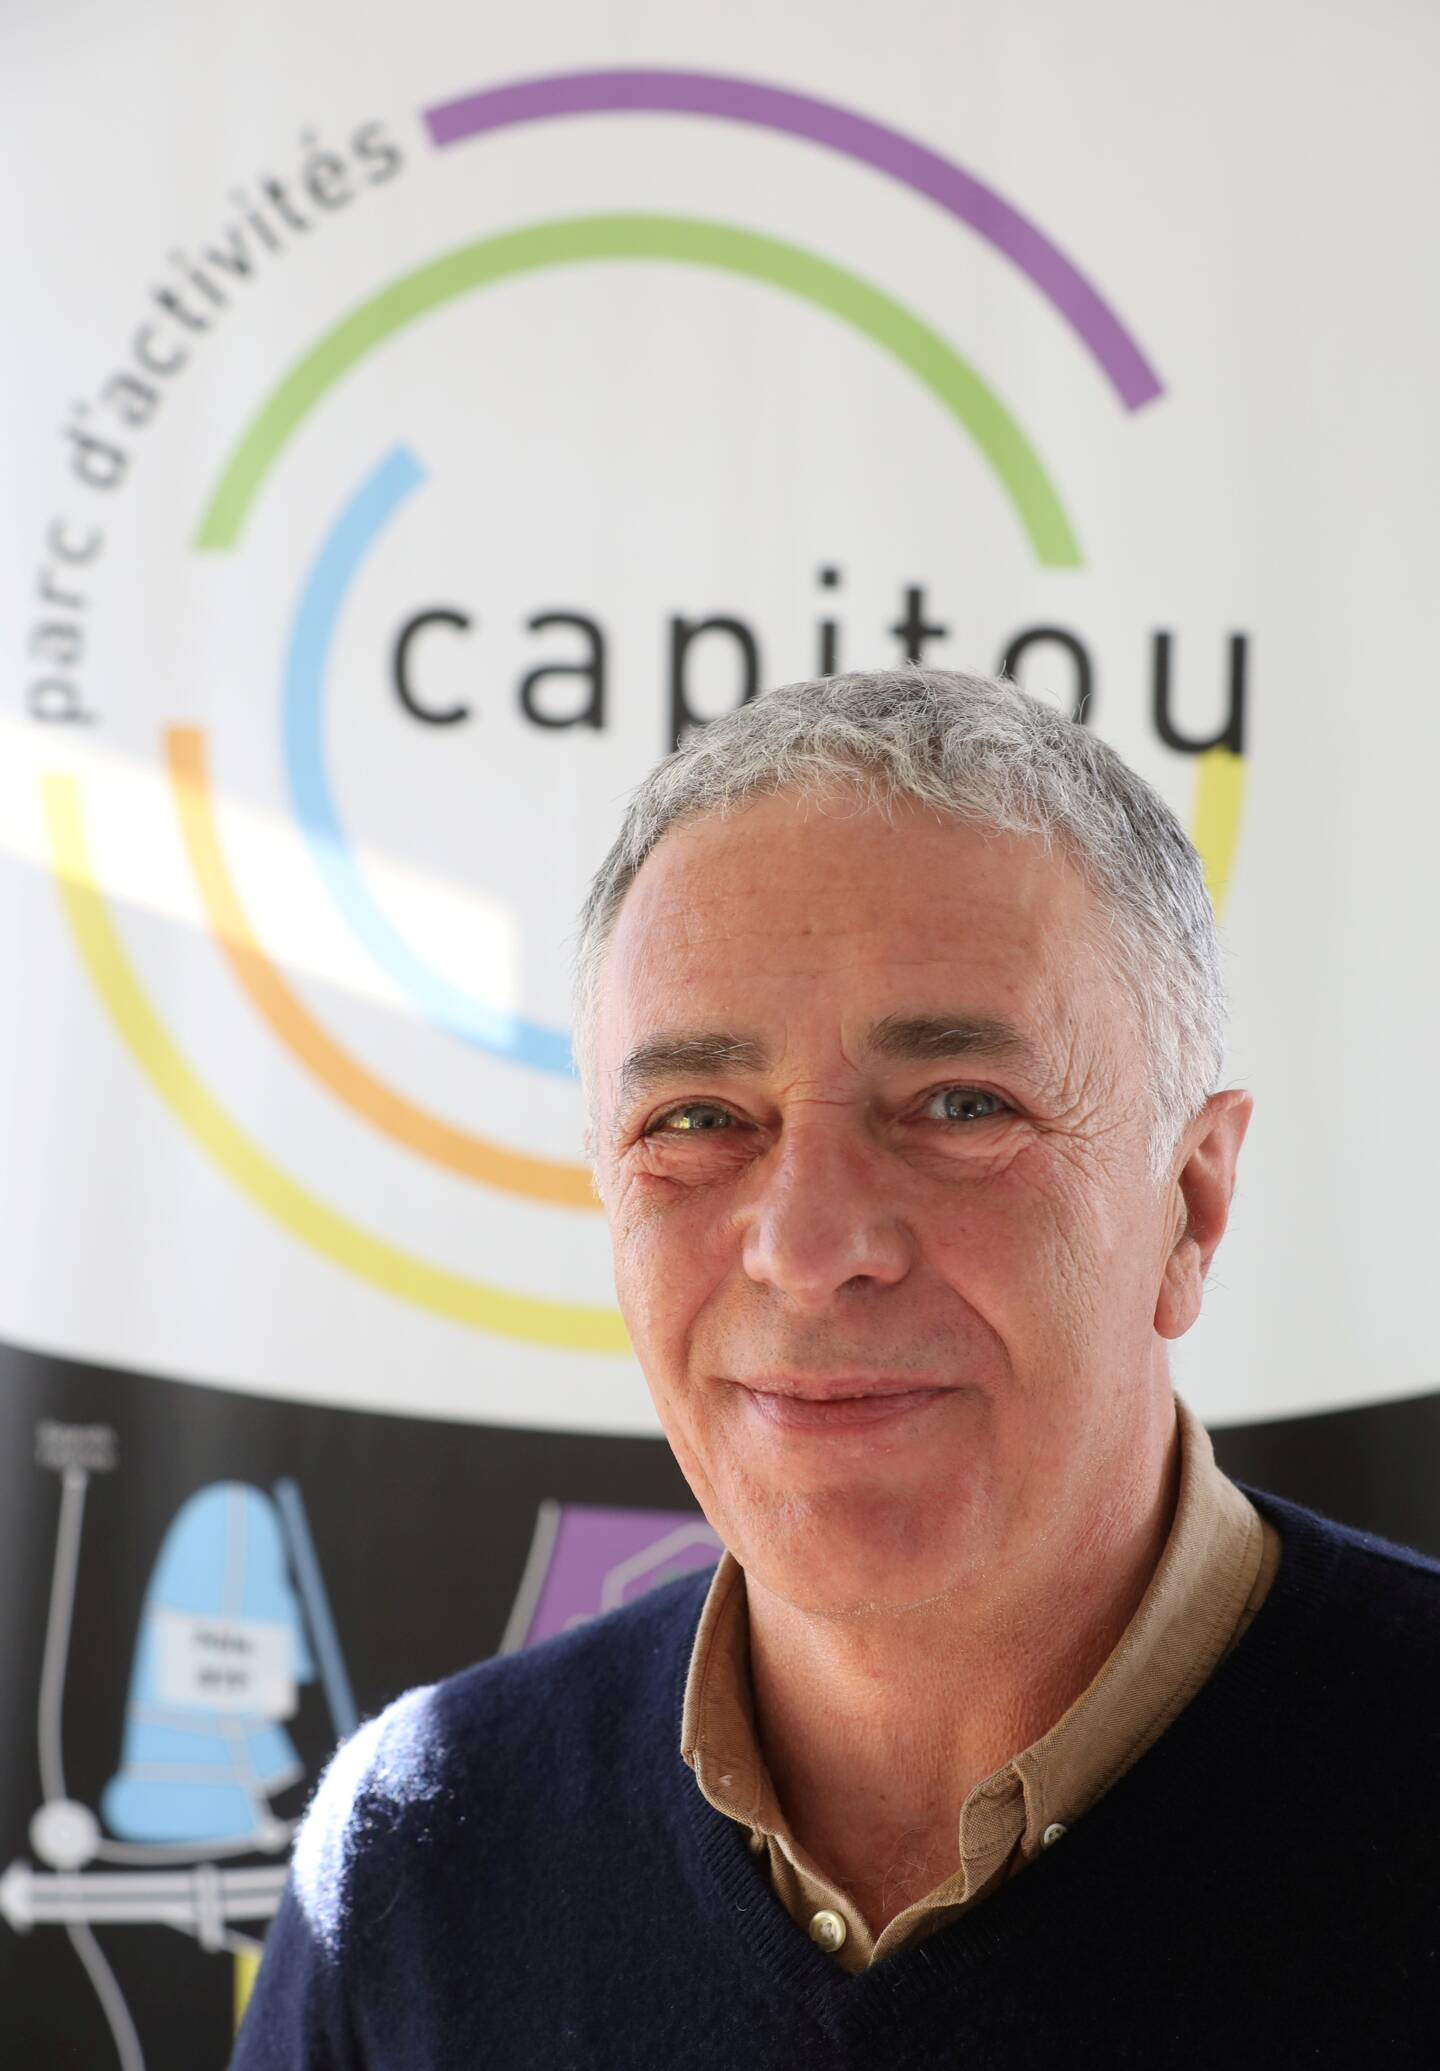 Christophe Laurent, président de Capitou Industries, suit les traces de son père, président fondateur.